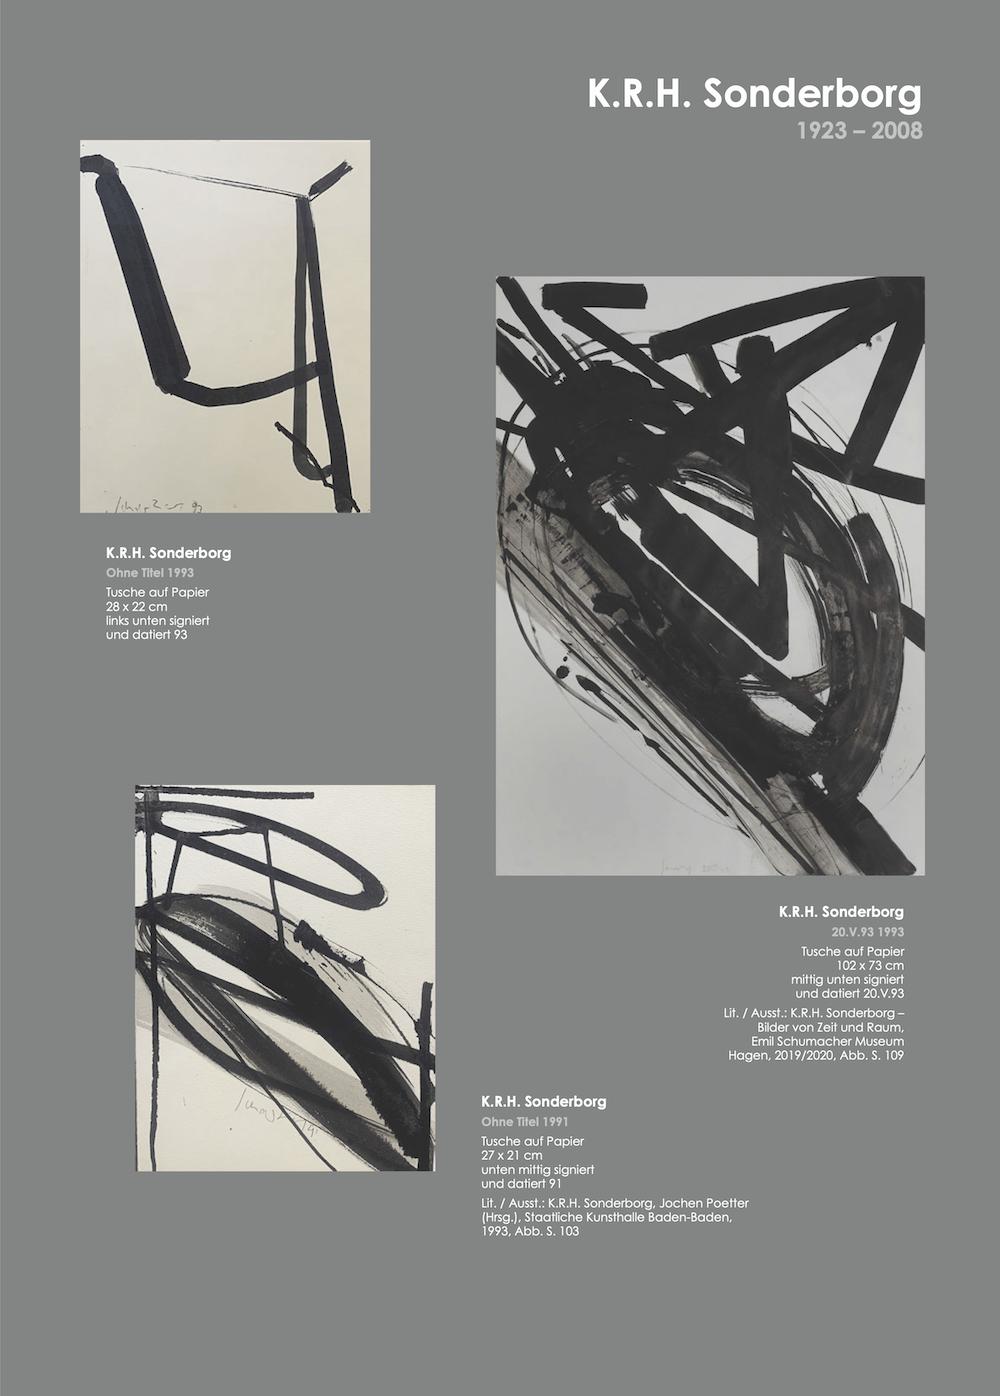 Einladungskarte Ausstellung Cavael Sonderborg Thieler 2020 Galerie Maulberger 03